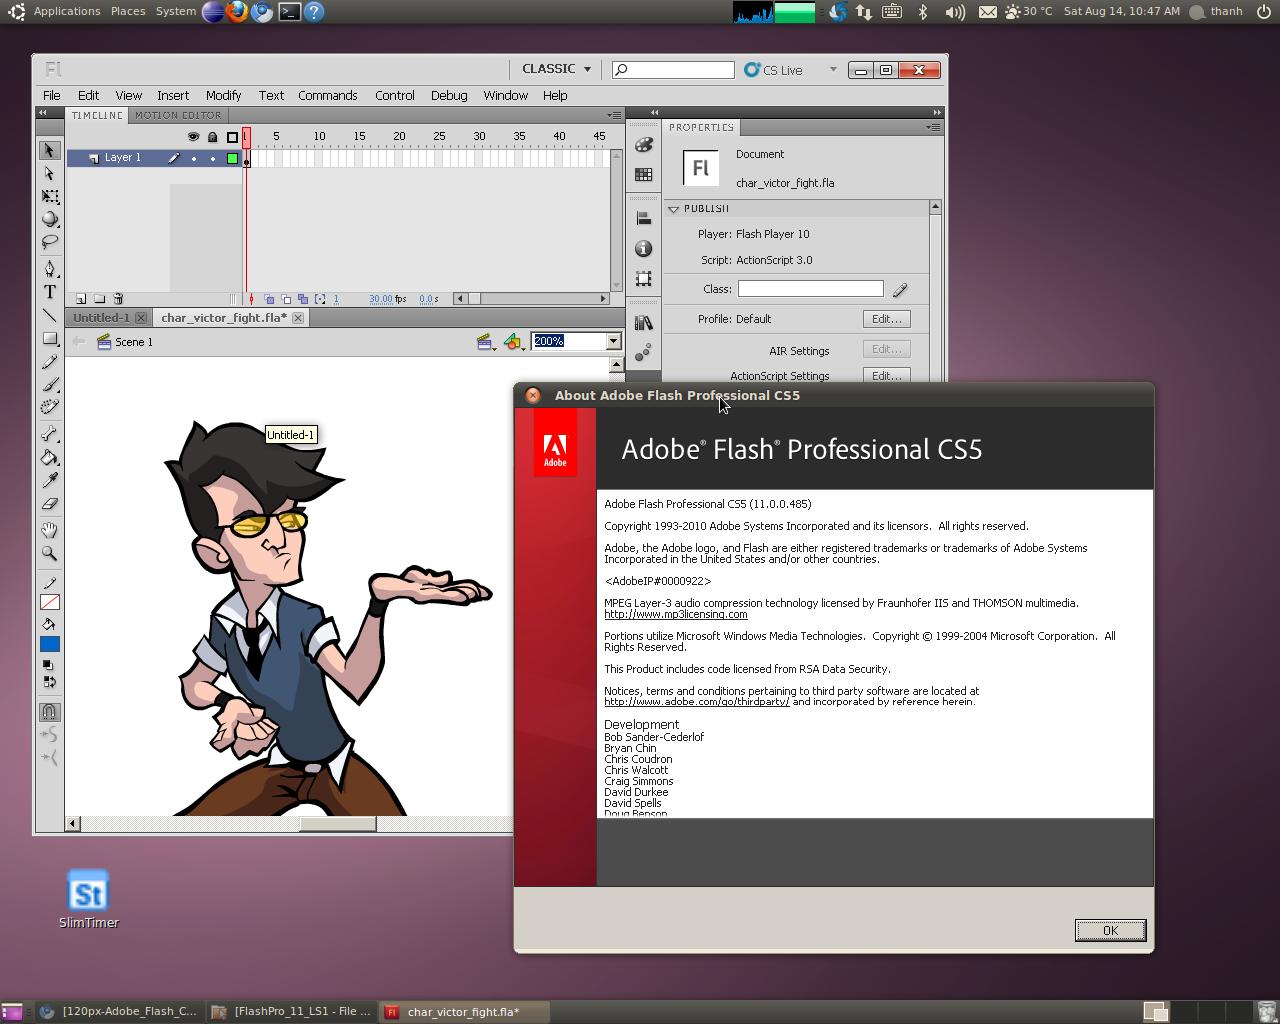 Adobe Flash Cs3 Учебник Скачать